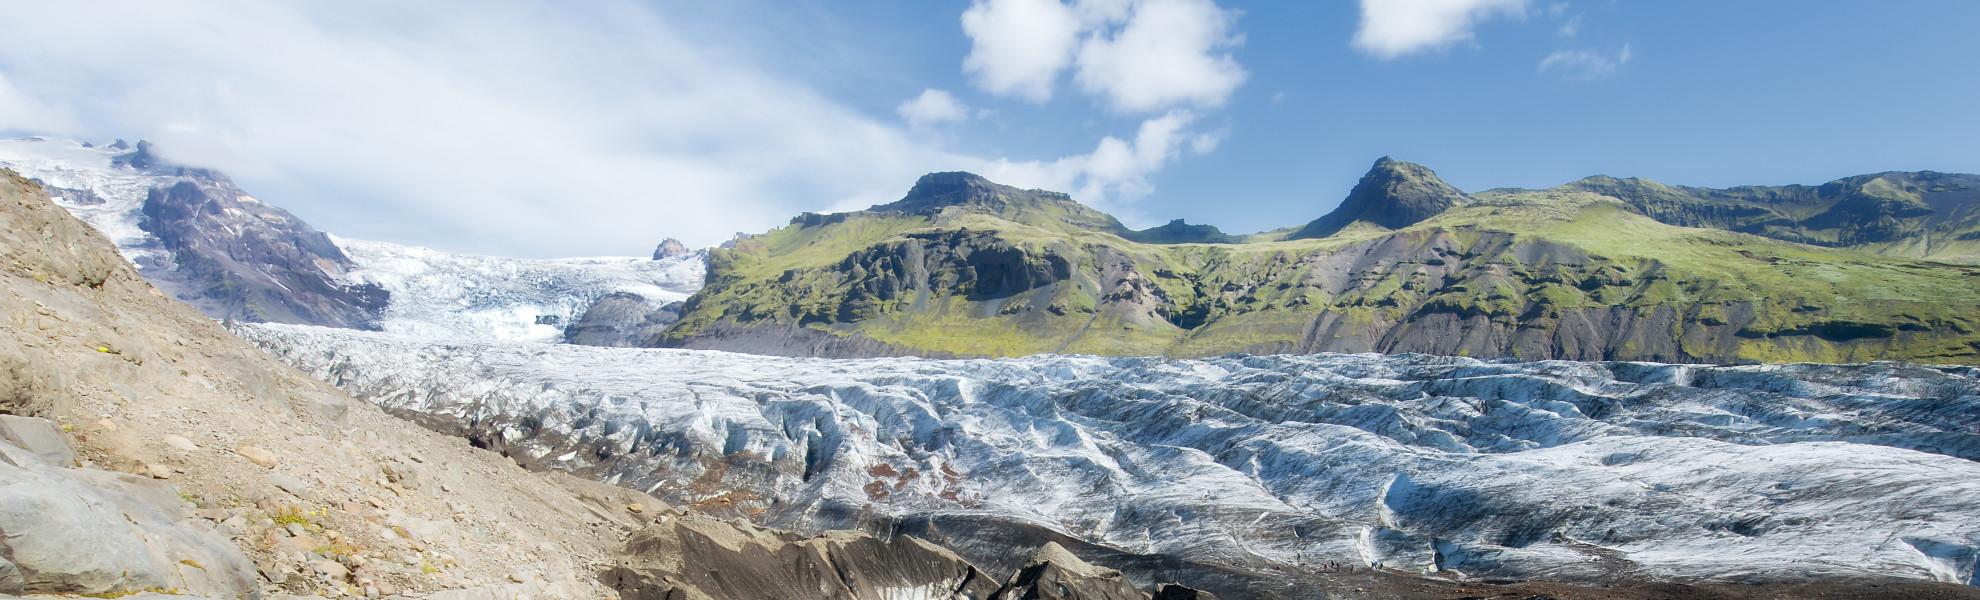 Island - unaufhörliche Urkraft